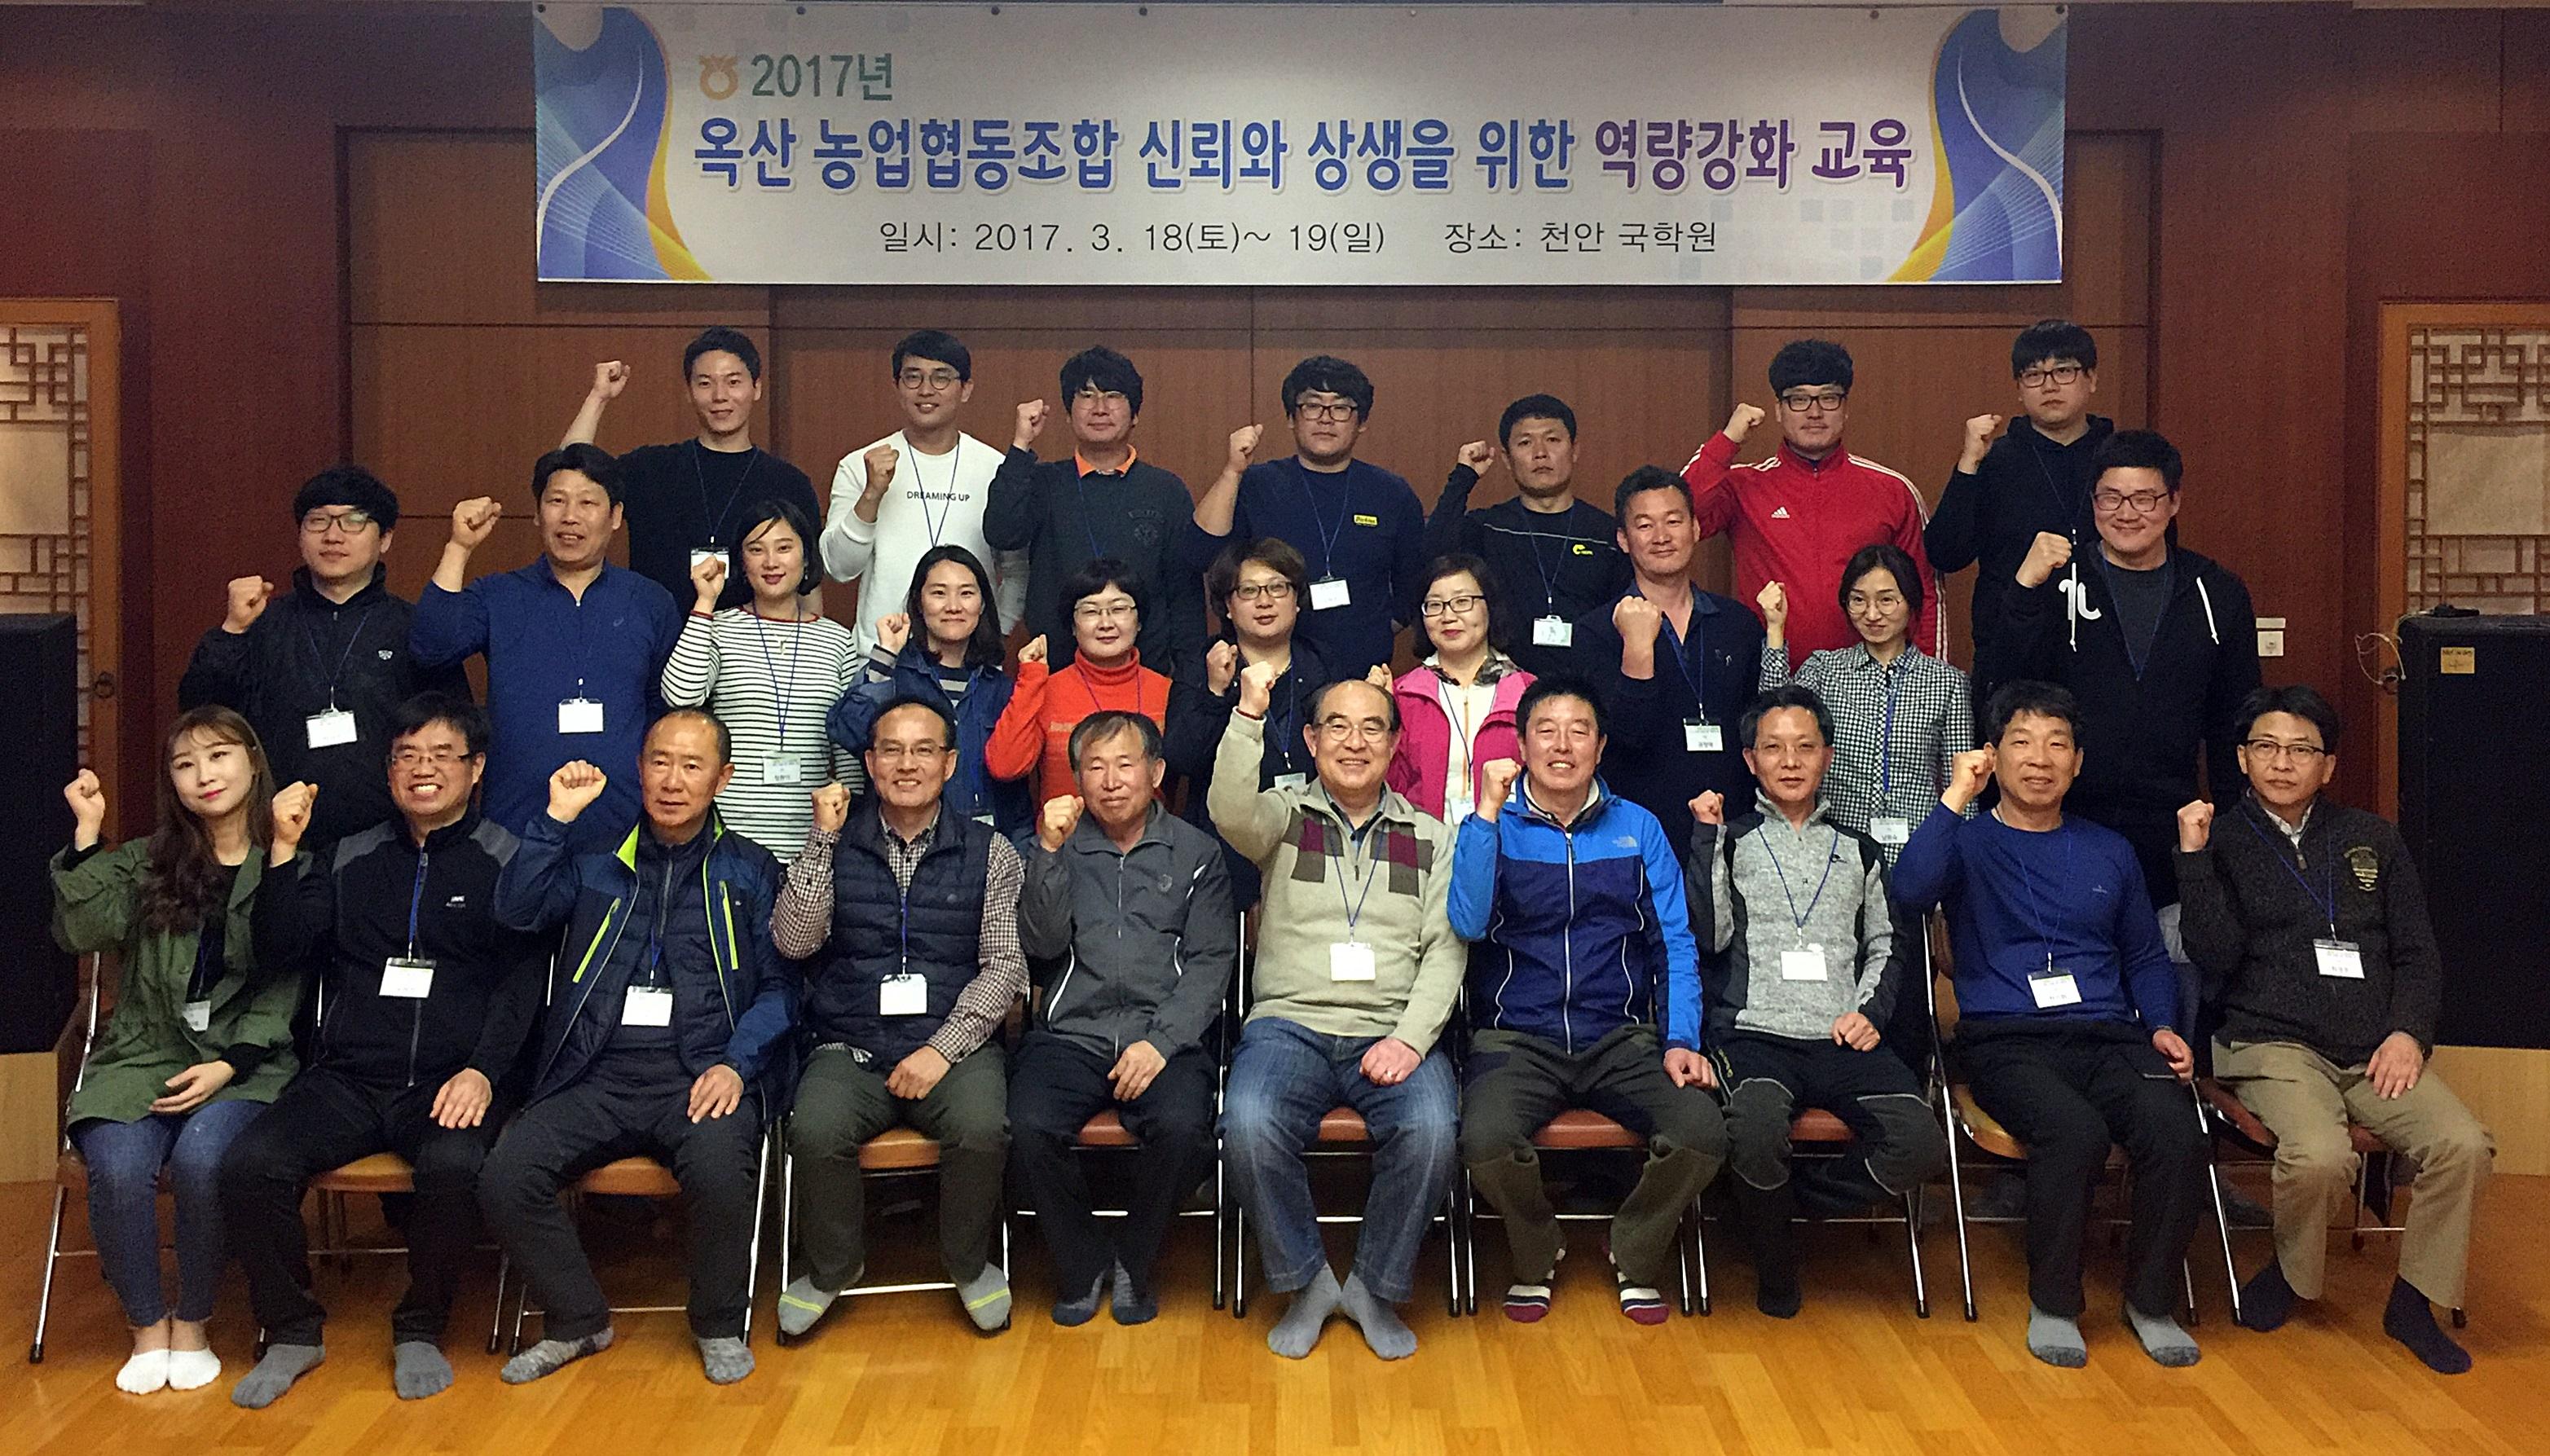 옥산농업협동조합